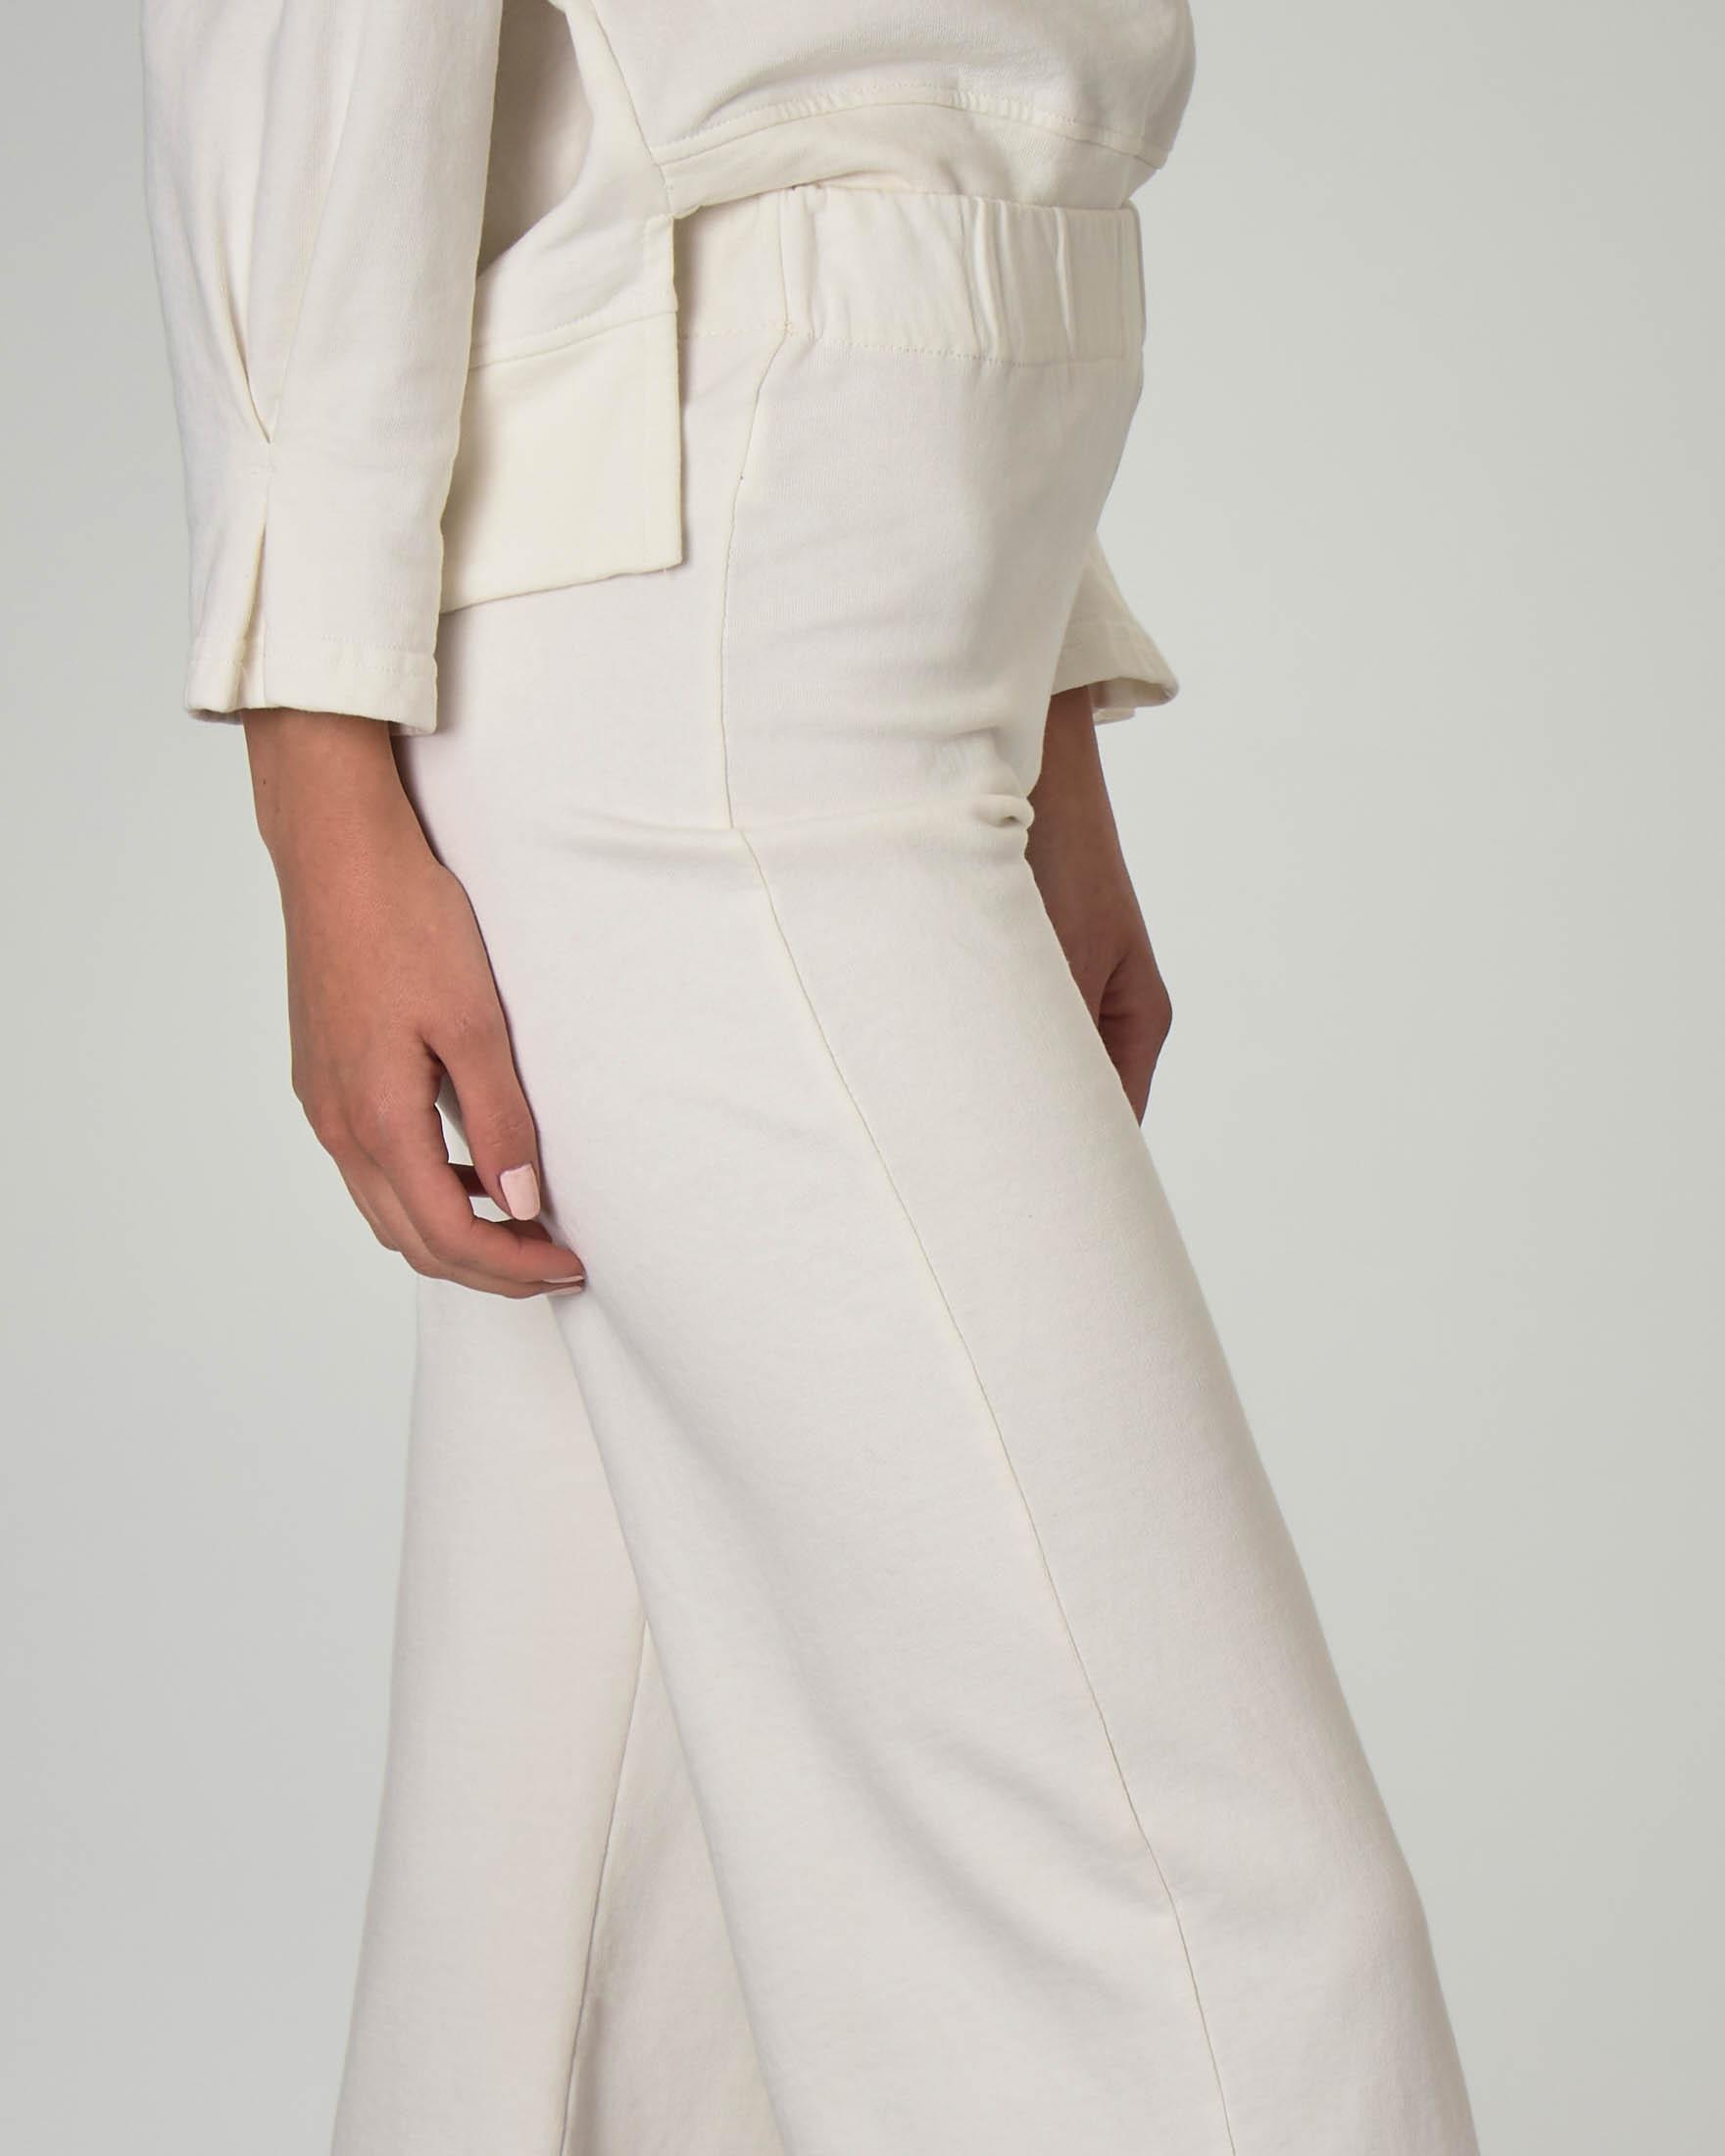 Pantaloni in jersey di cotone color panna con fondo ampio